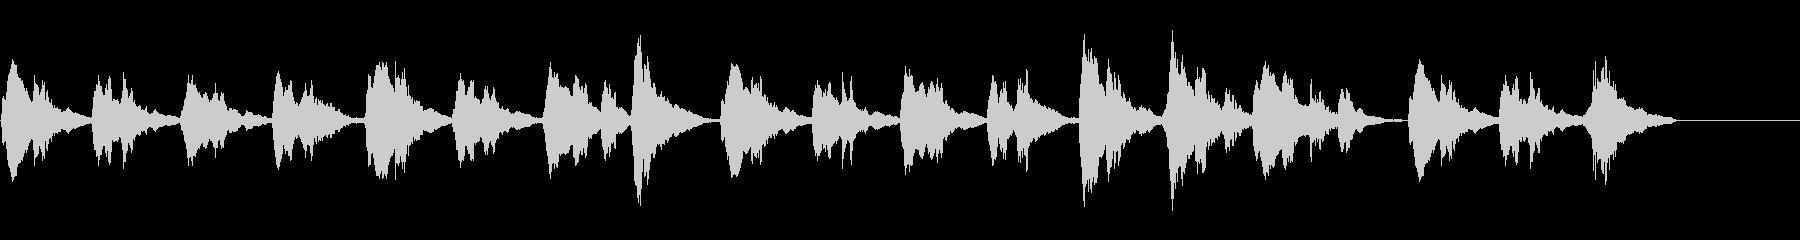 「卑劣な」ムードのオーケストラ楽器...の未再生の波形